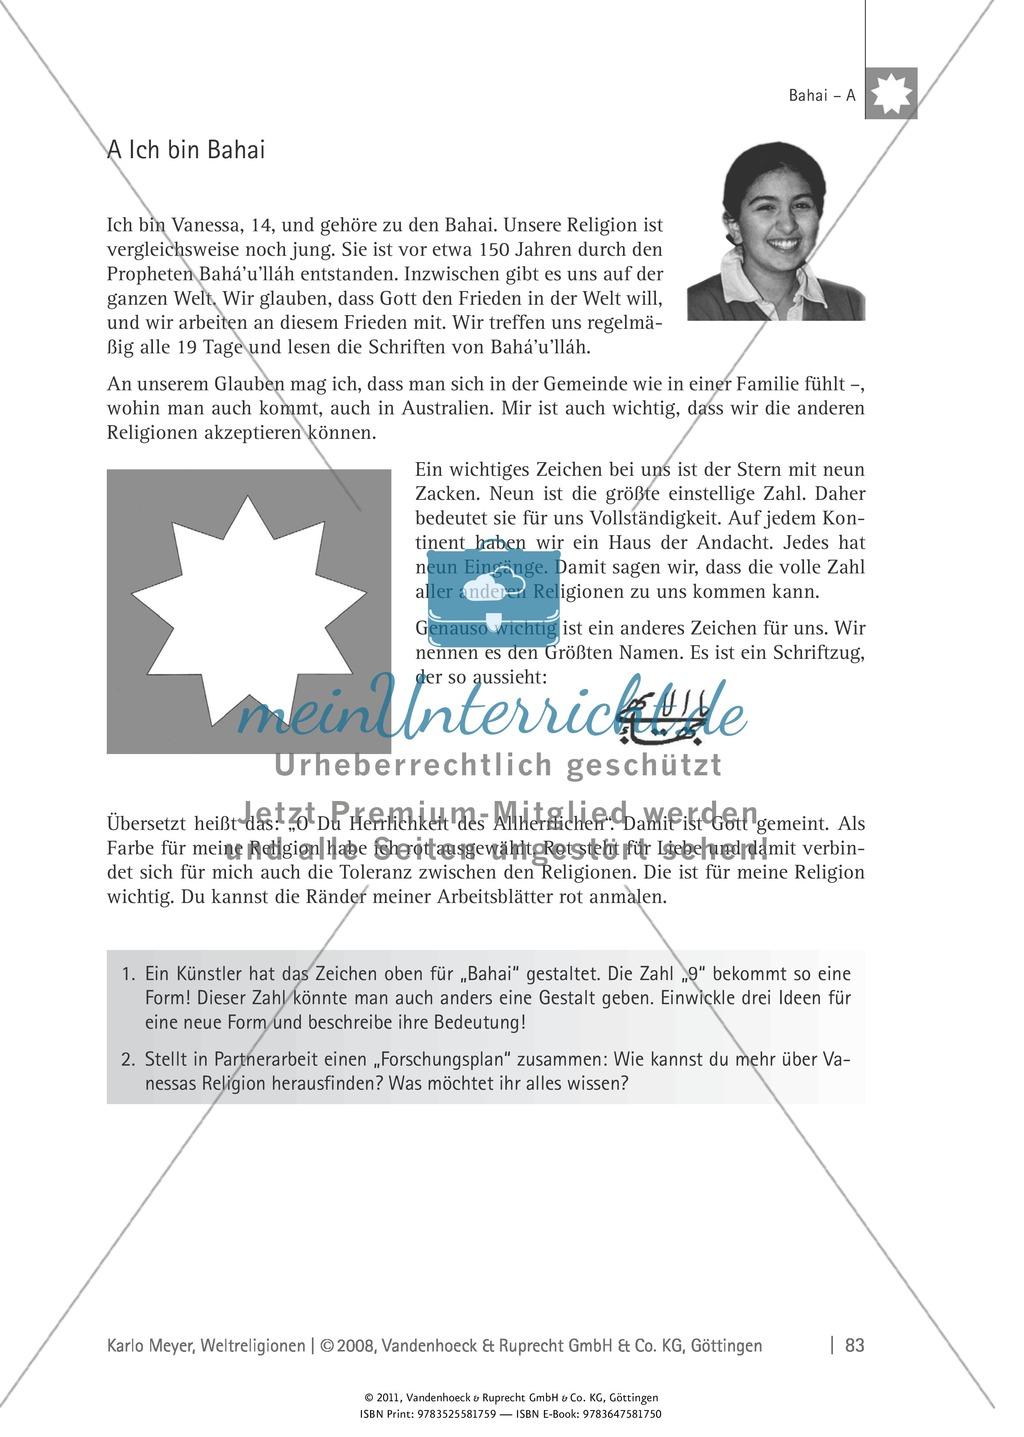 Weltreligionen: Die Lehre des Bahai Preview 2